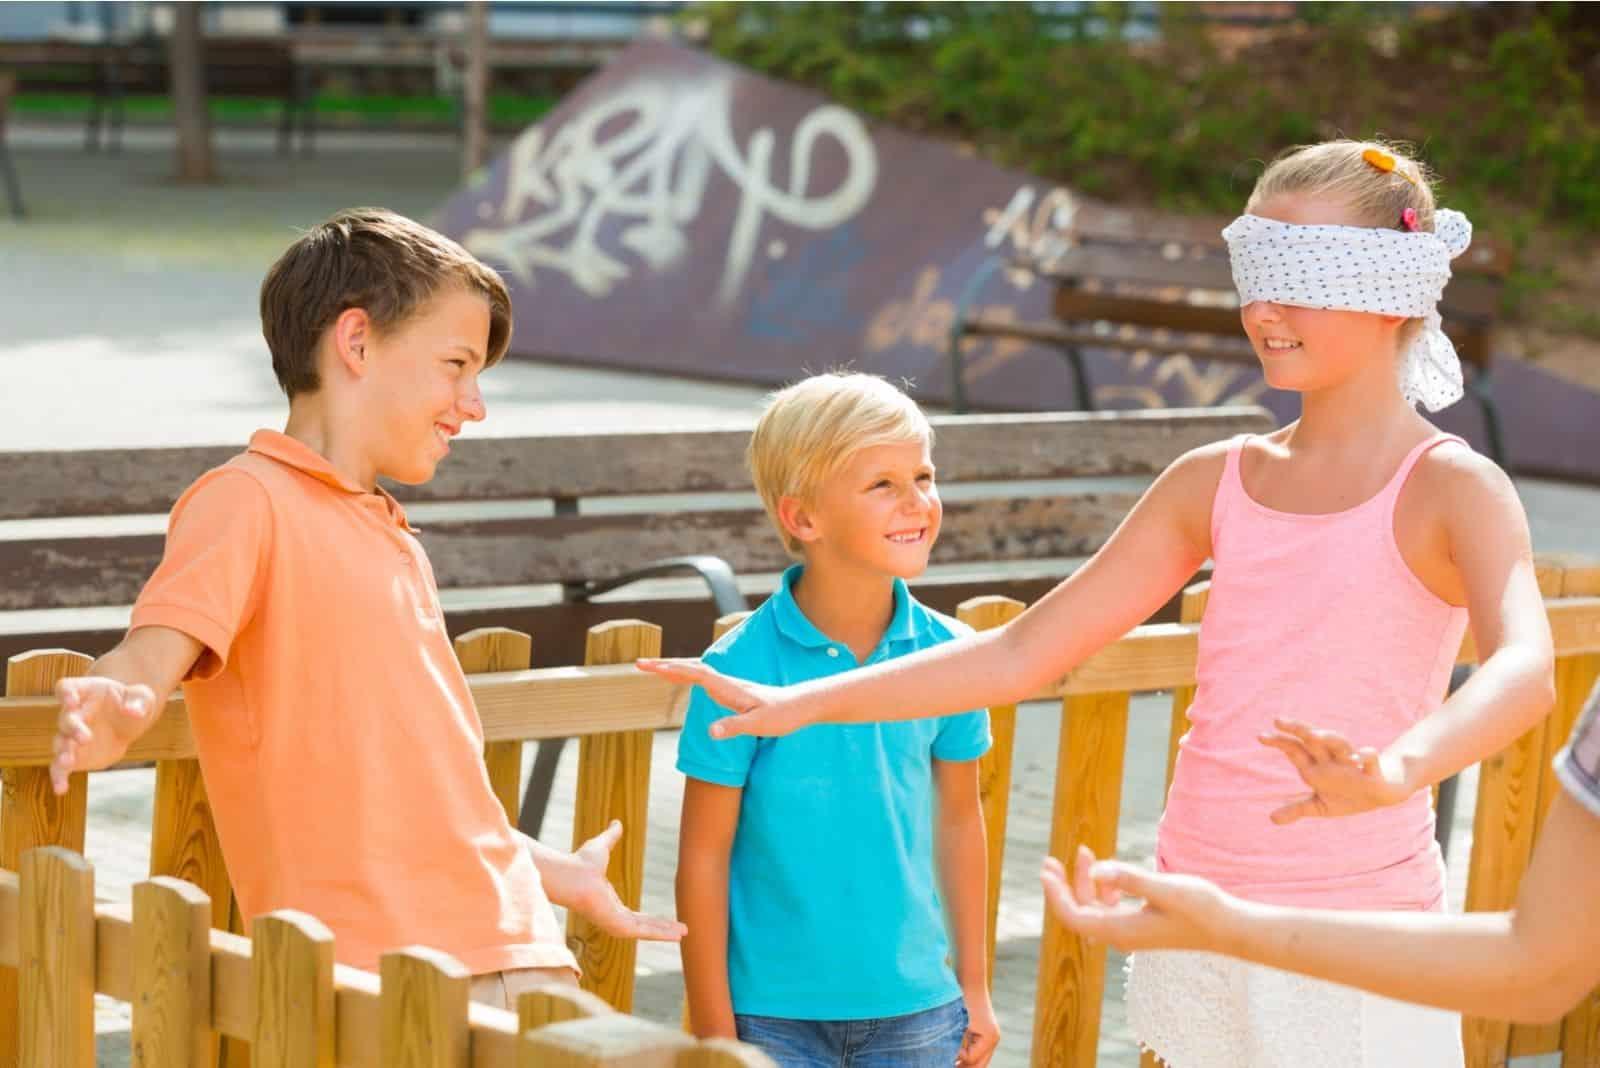 blinde Kuh, die von den Kindern gespielt wird in einem eingezäunten Außenbereich